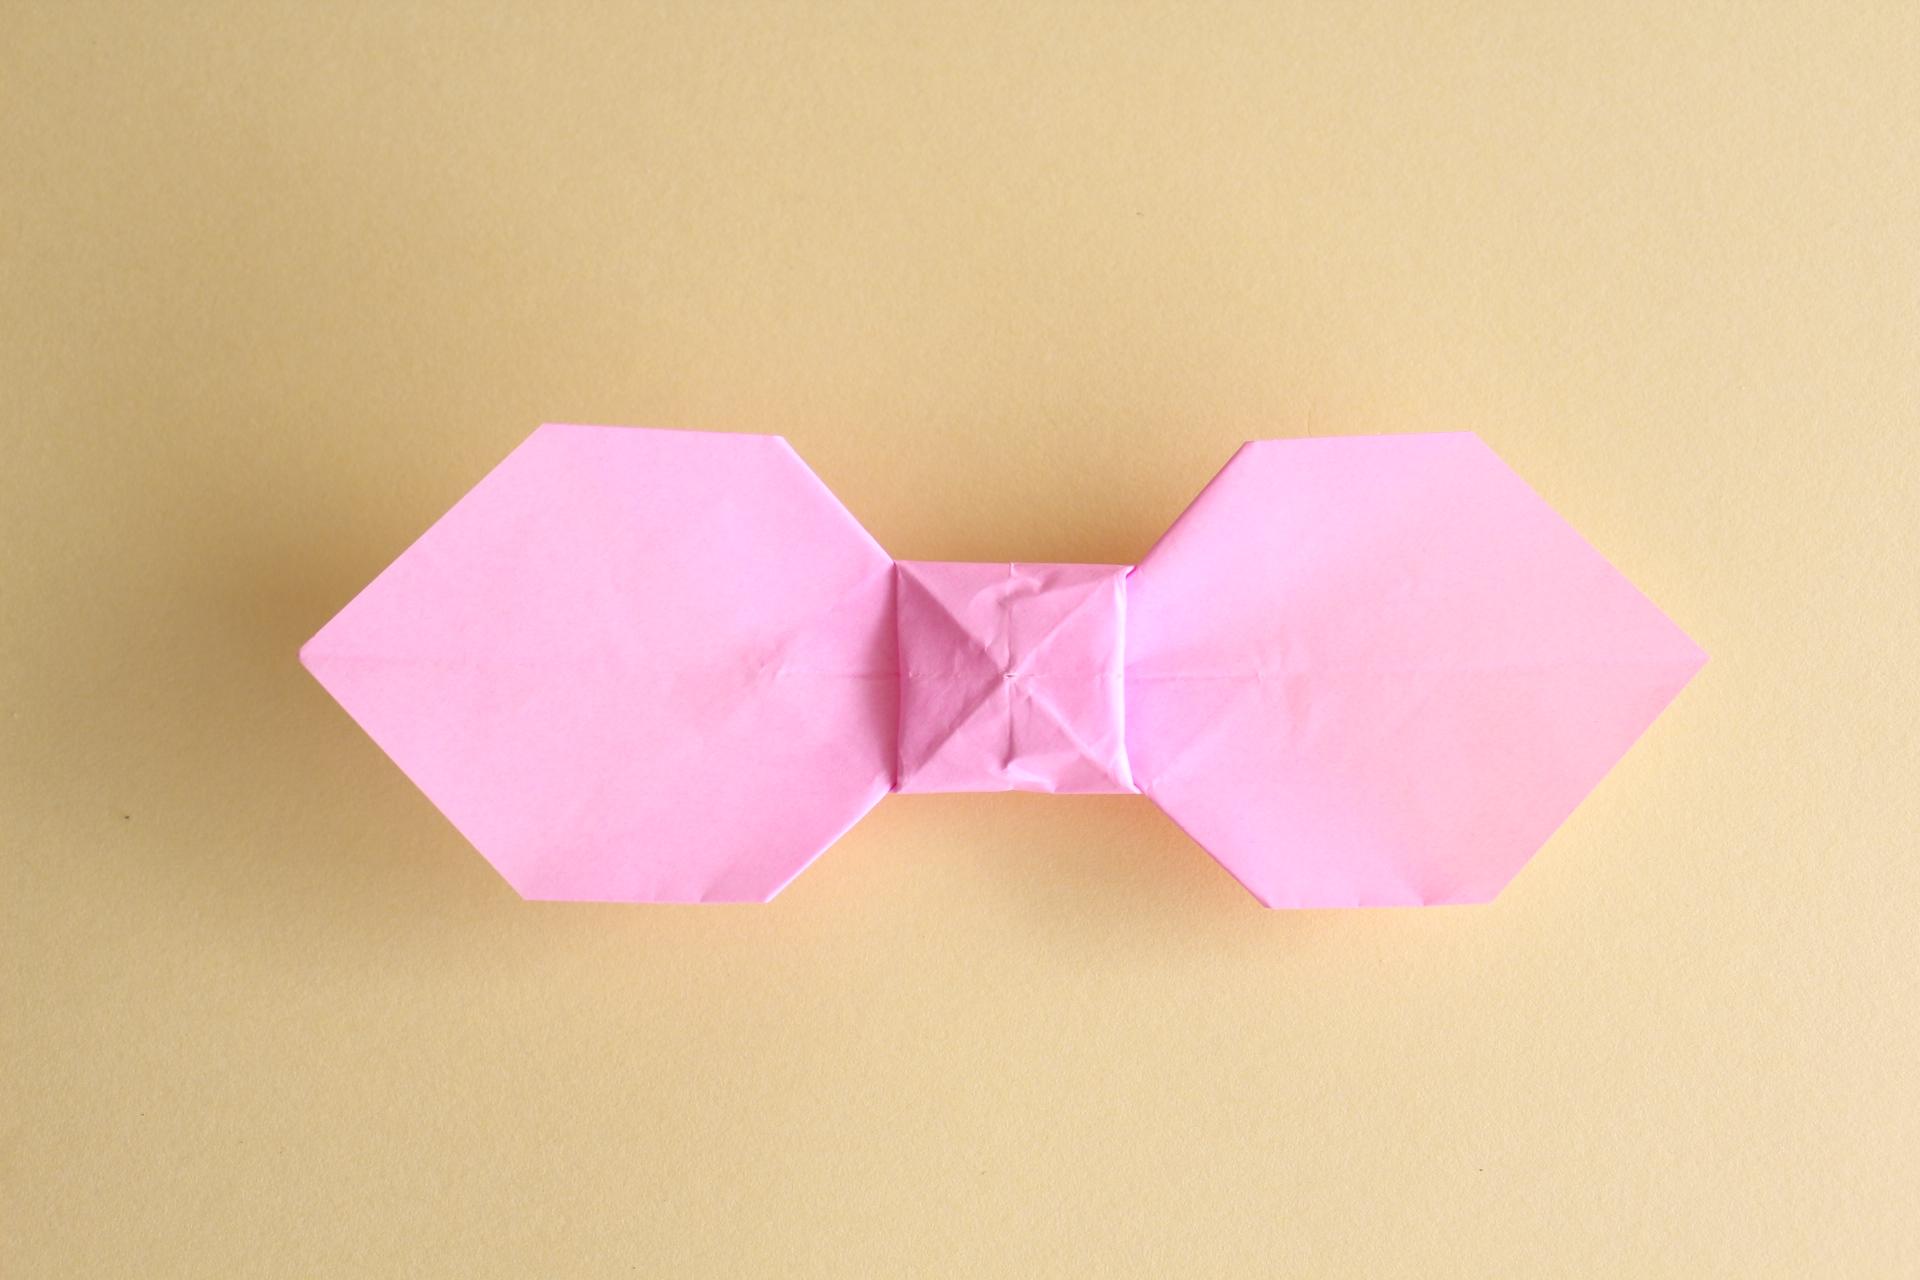 リボンの折り方